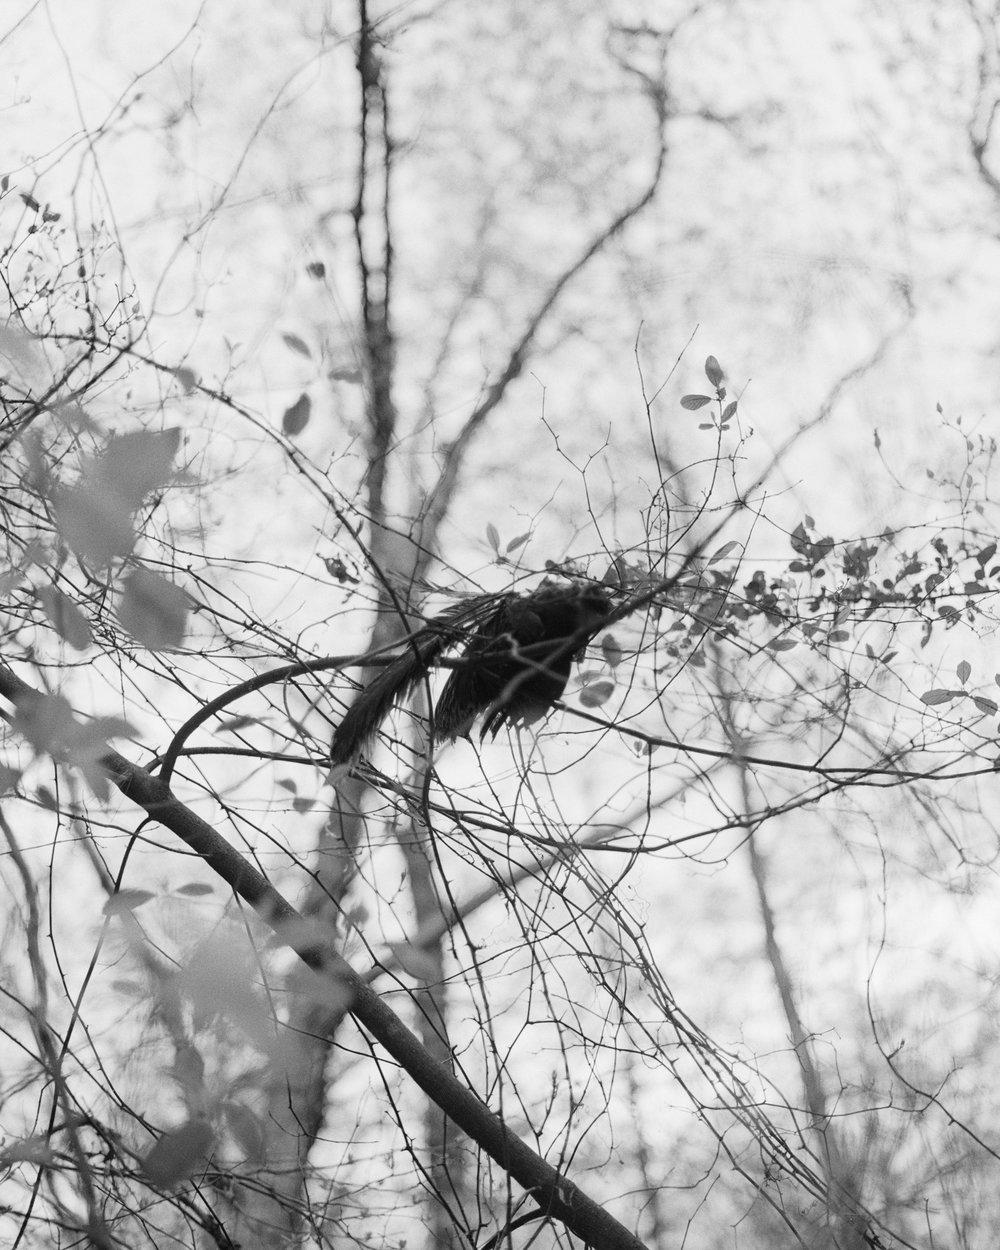 bird1_edit2.jpg